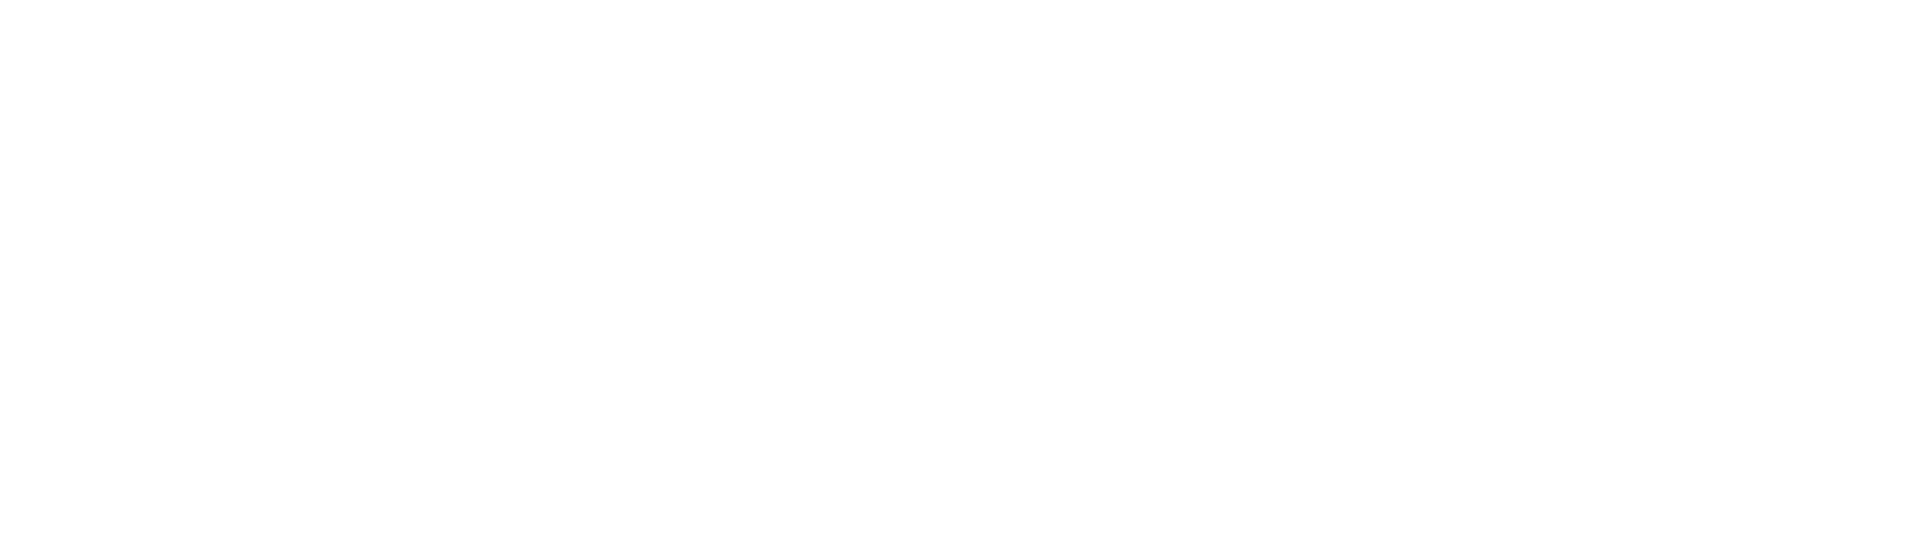 Kota kinabalu datiert